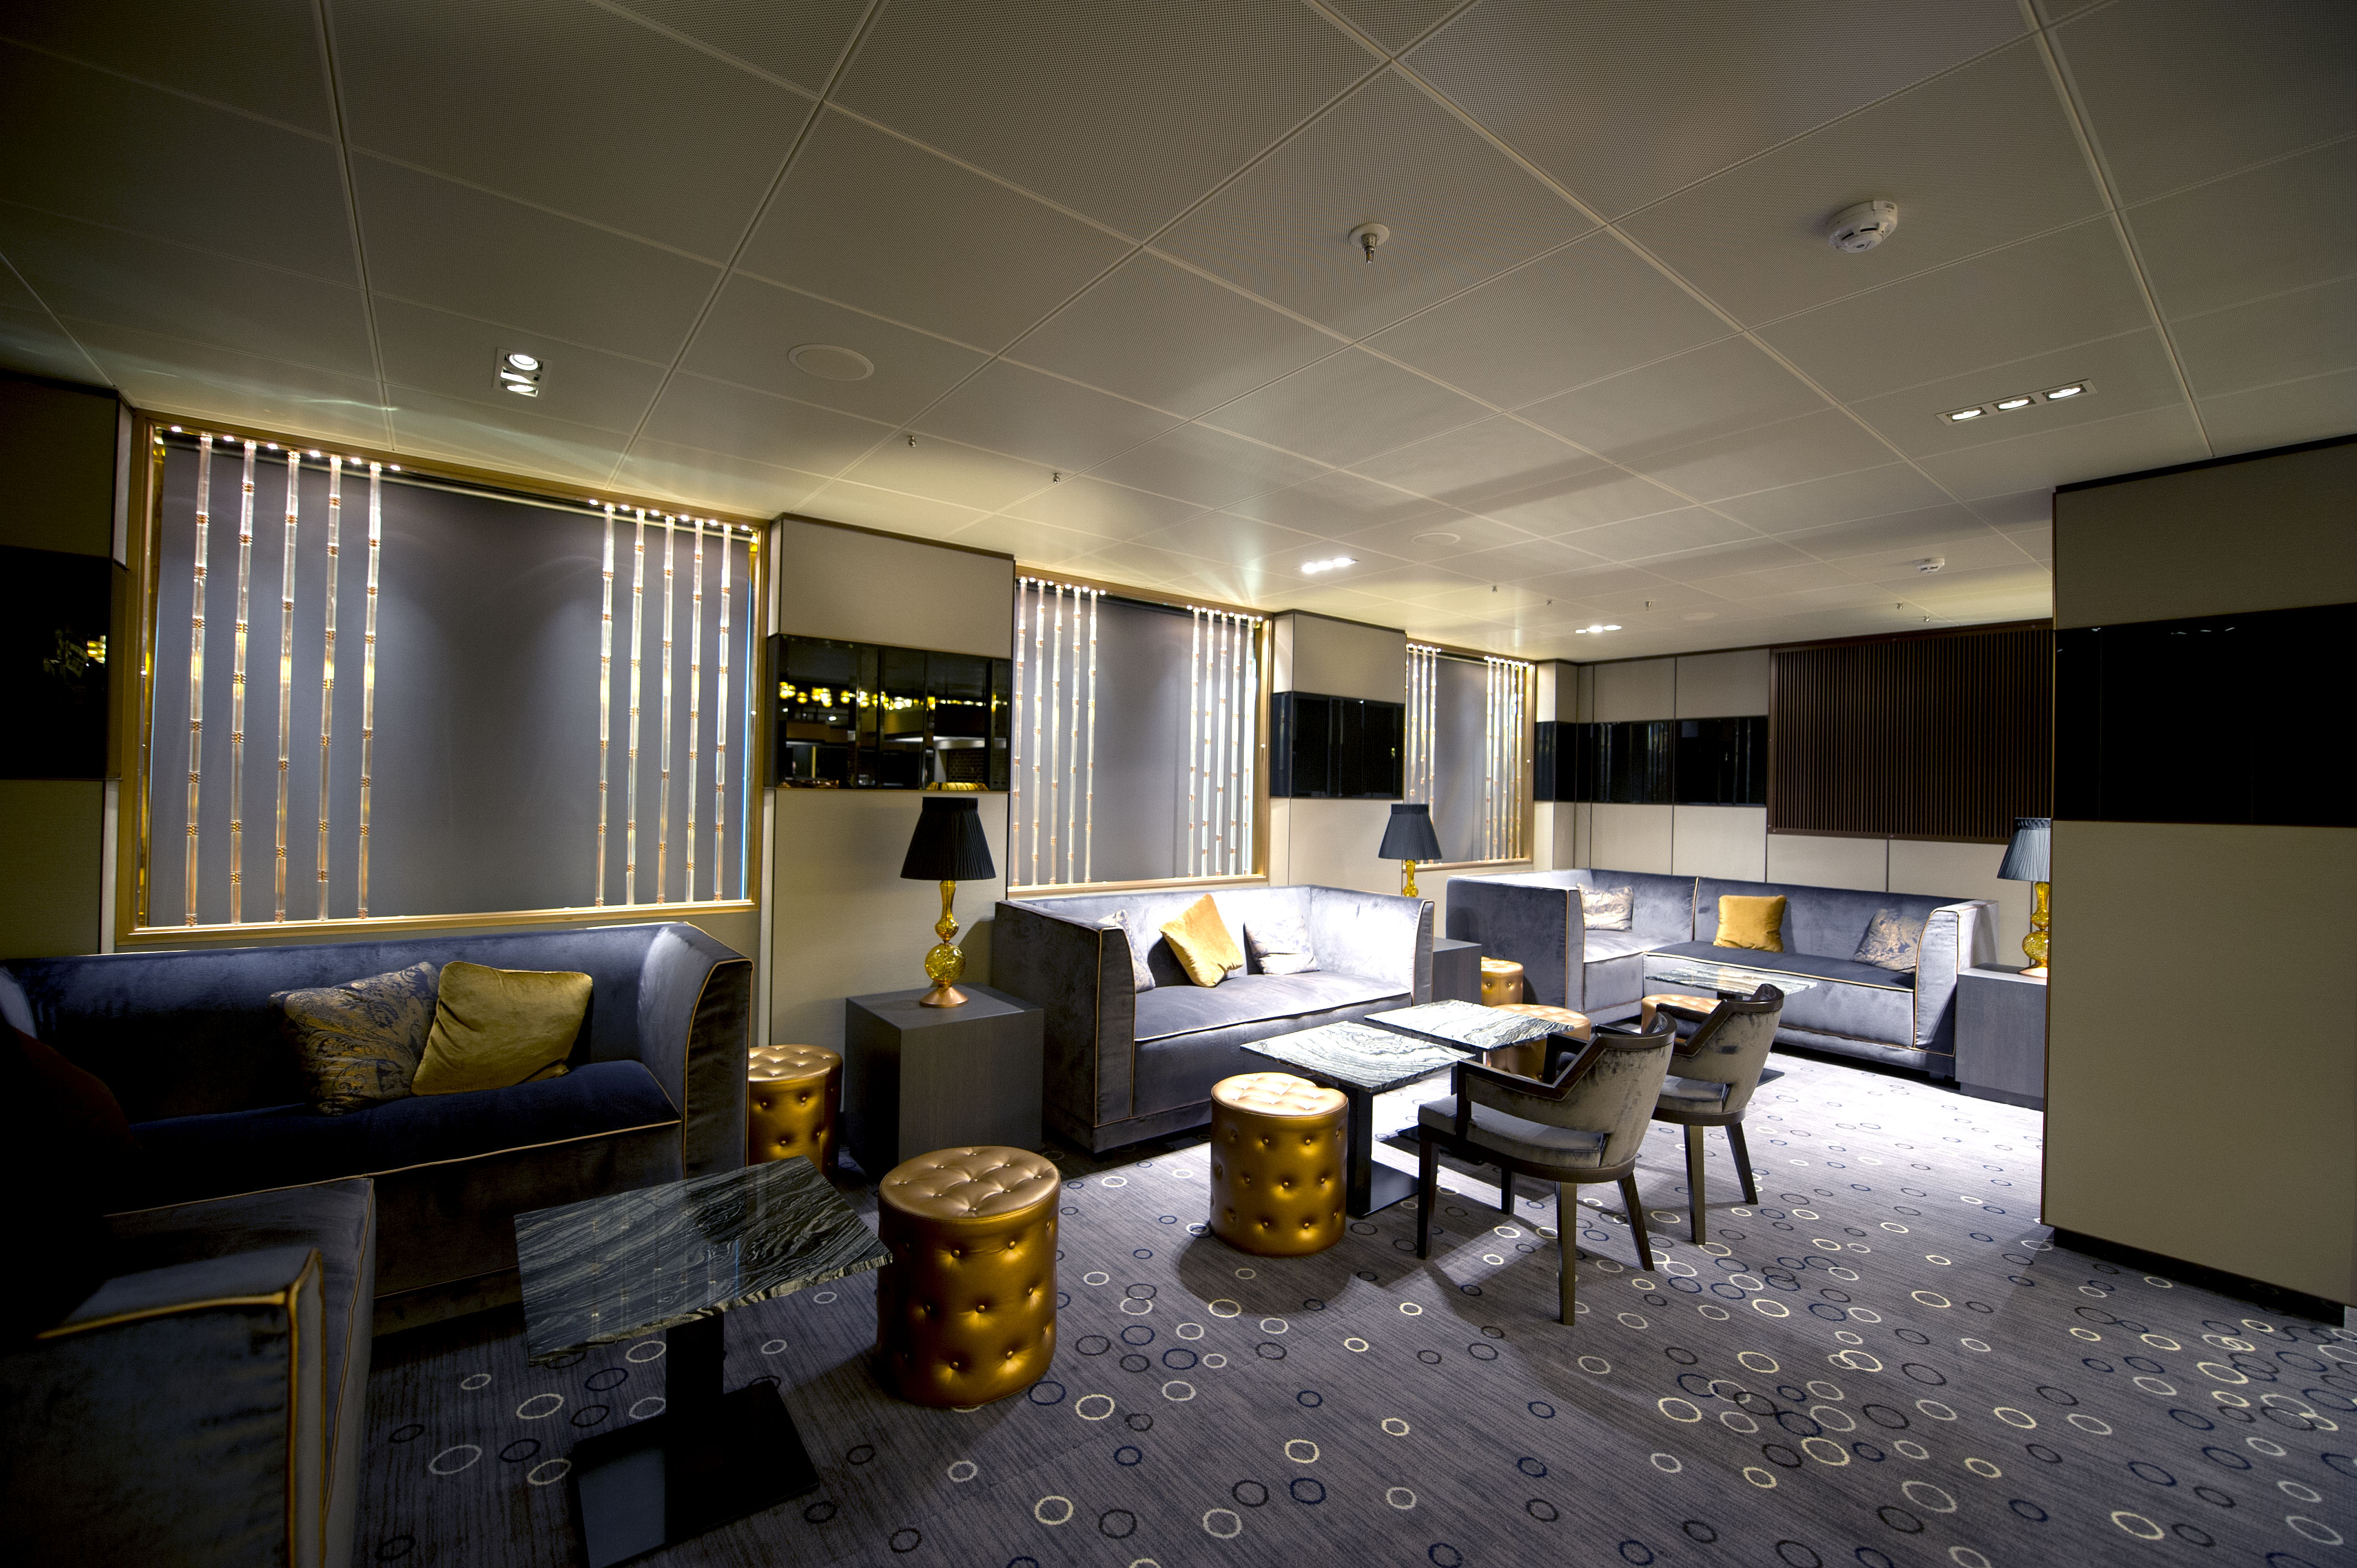 P&O Cruises Britannia Interior Limelight Ds37878 [Tif 14714733402].jpg